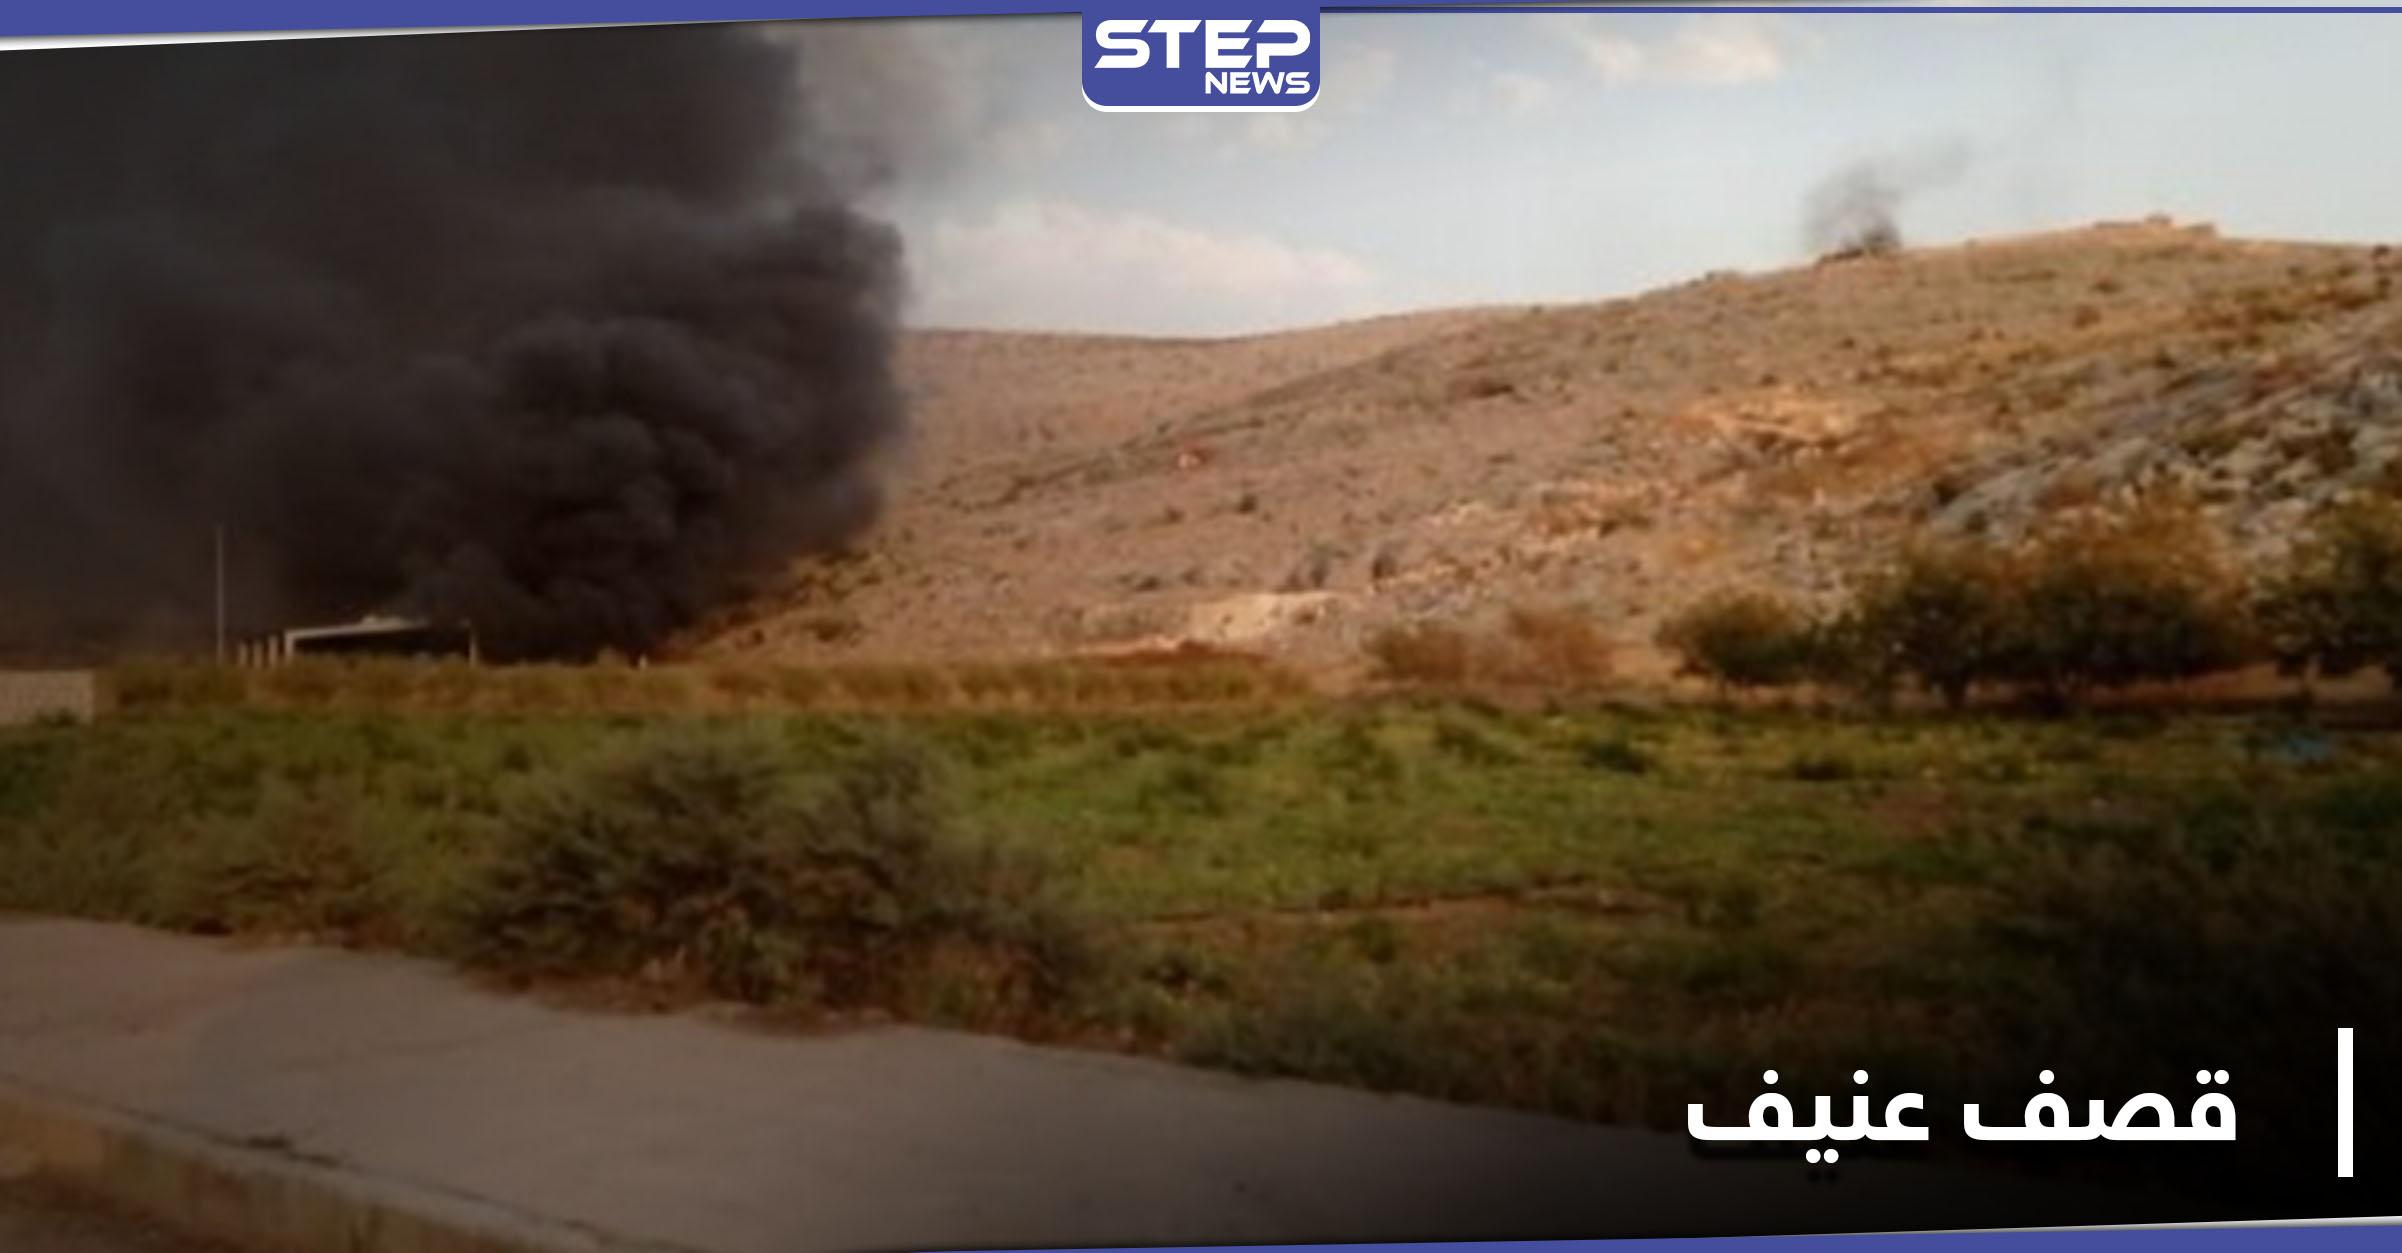 النظام السوري يقصف بصواريخ شديدة الانفجار جبل الزاوية بريف إدلب